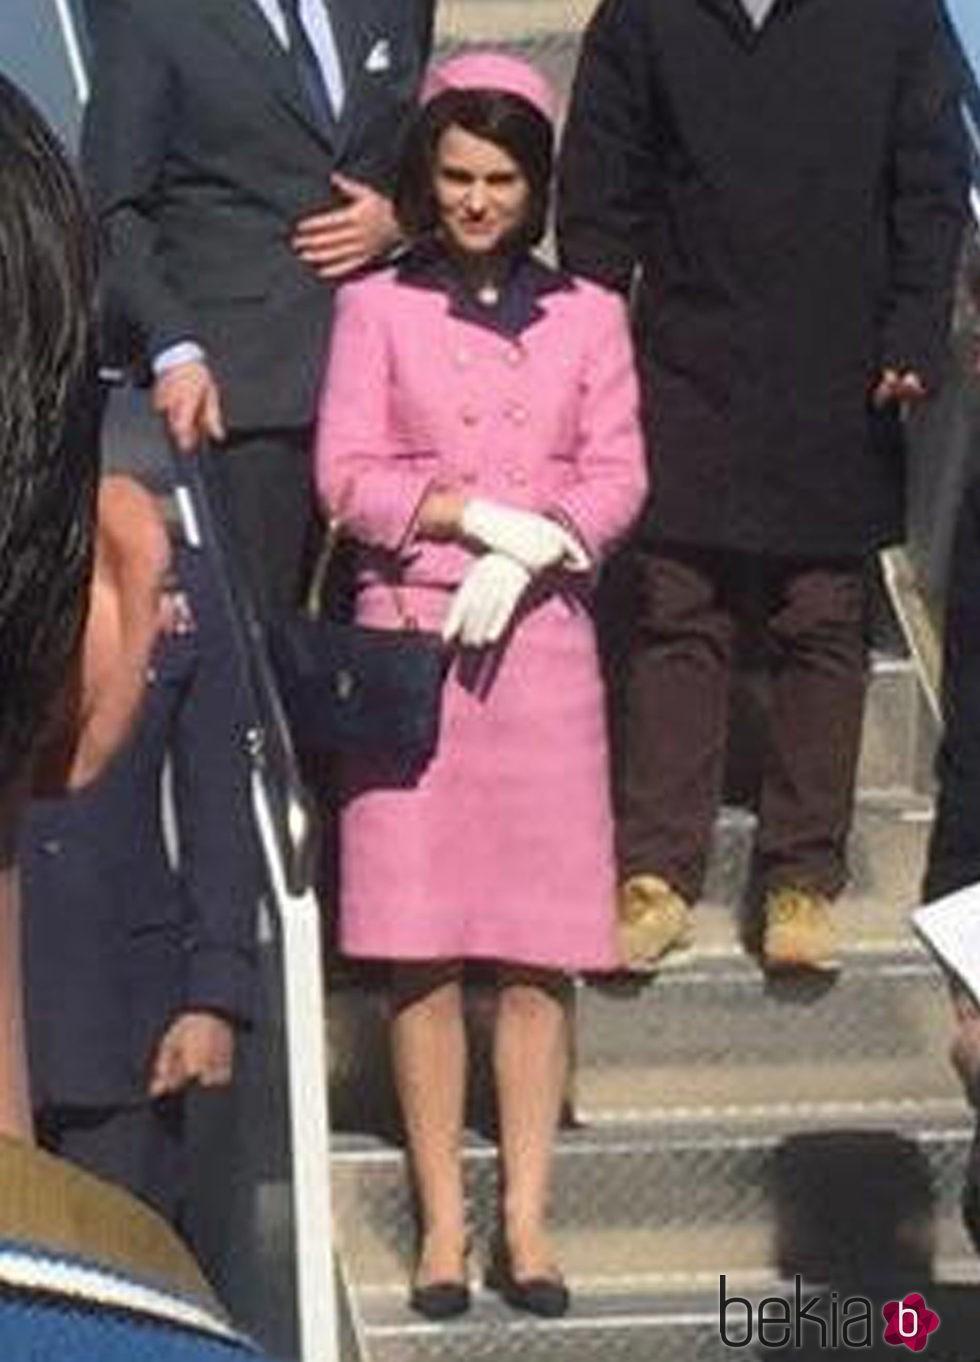 Natalie Portman durante el rodaje de la película 'Jakie' en Maryland